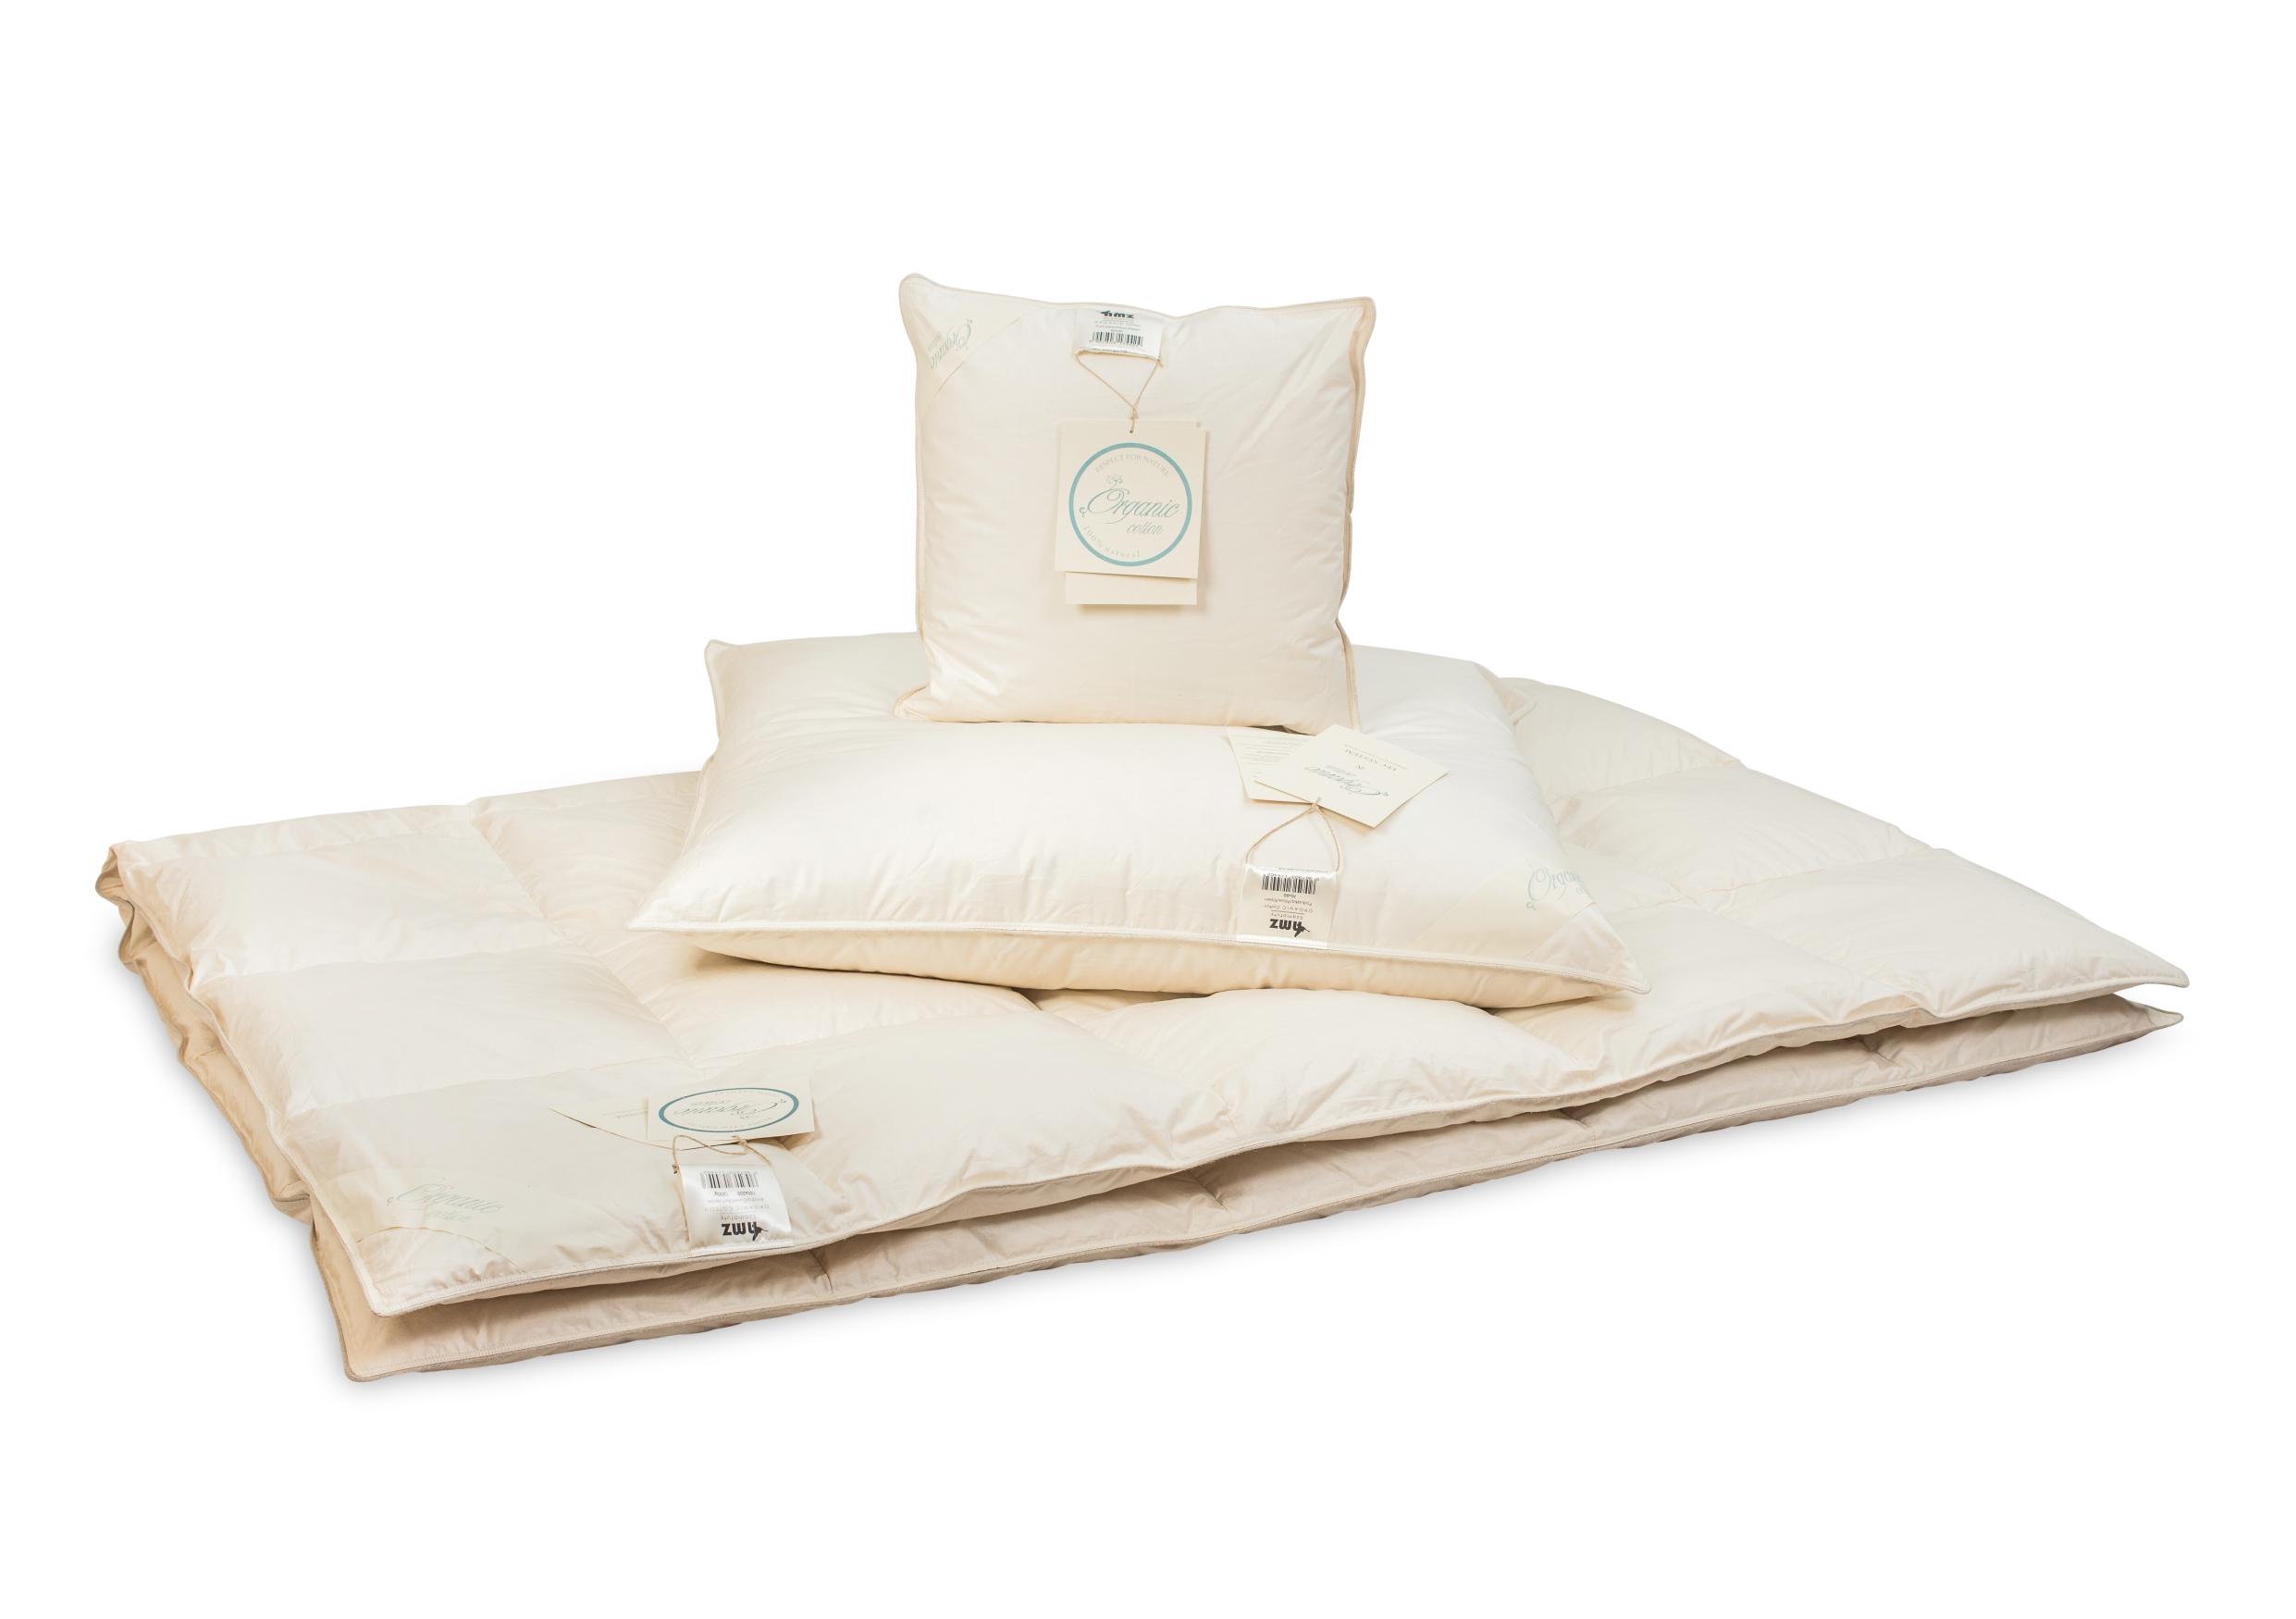 Koądra  poduszkami.jpg